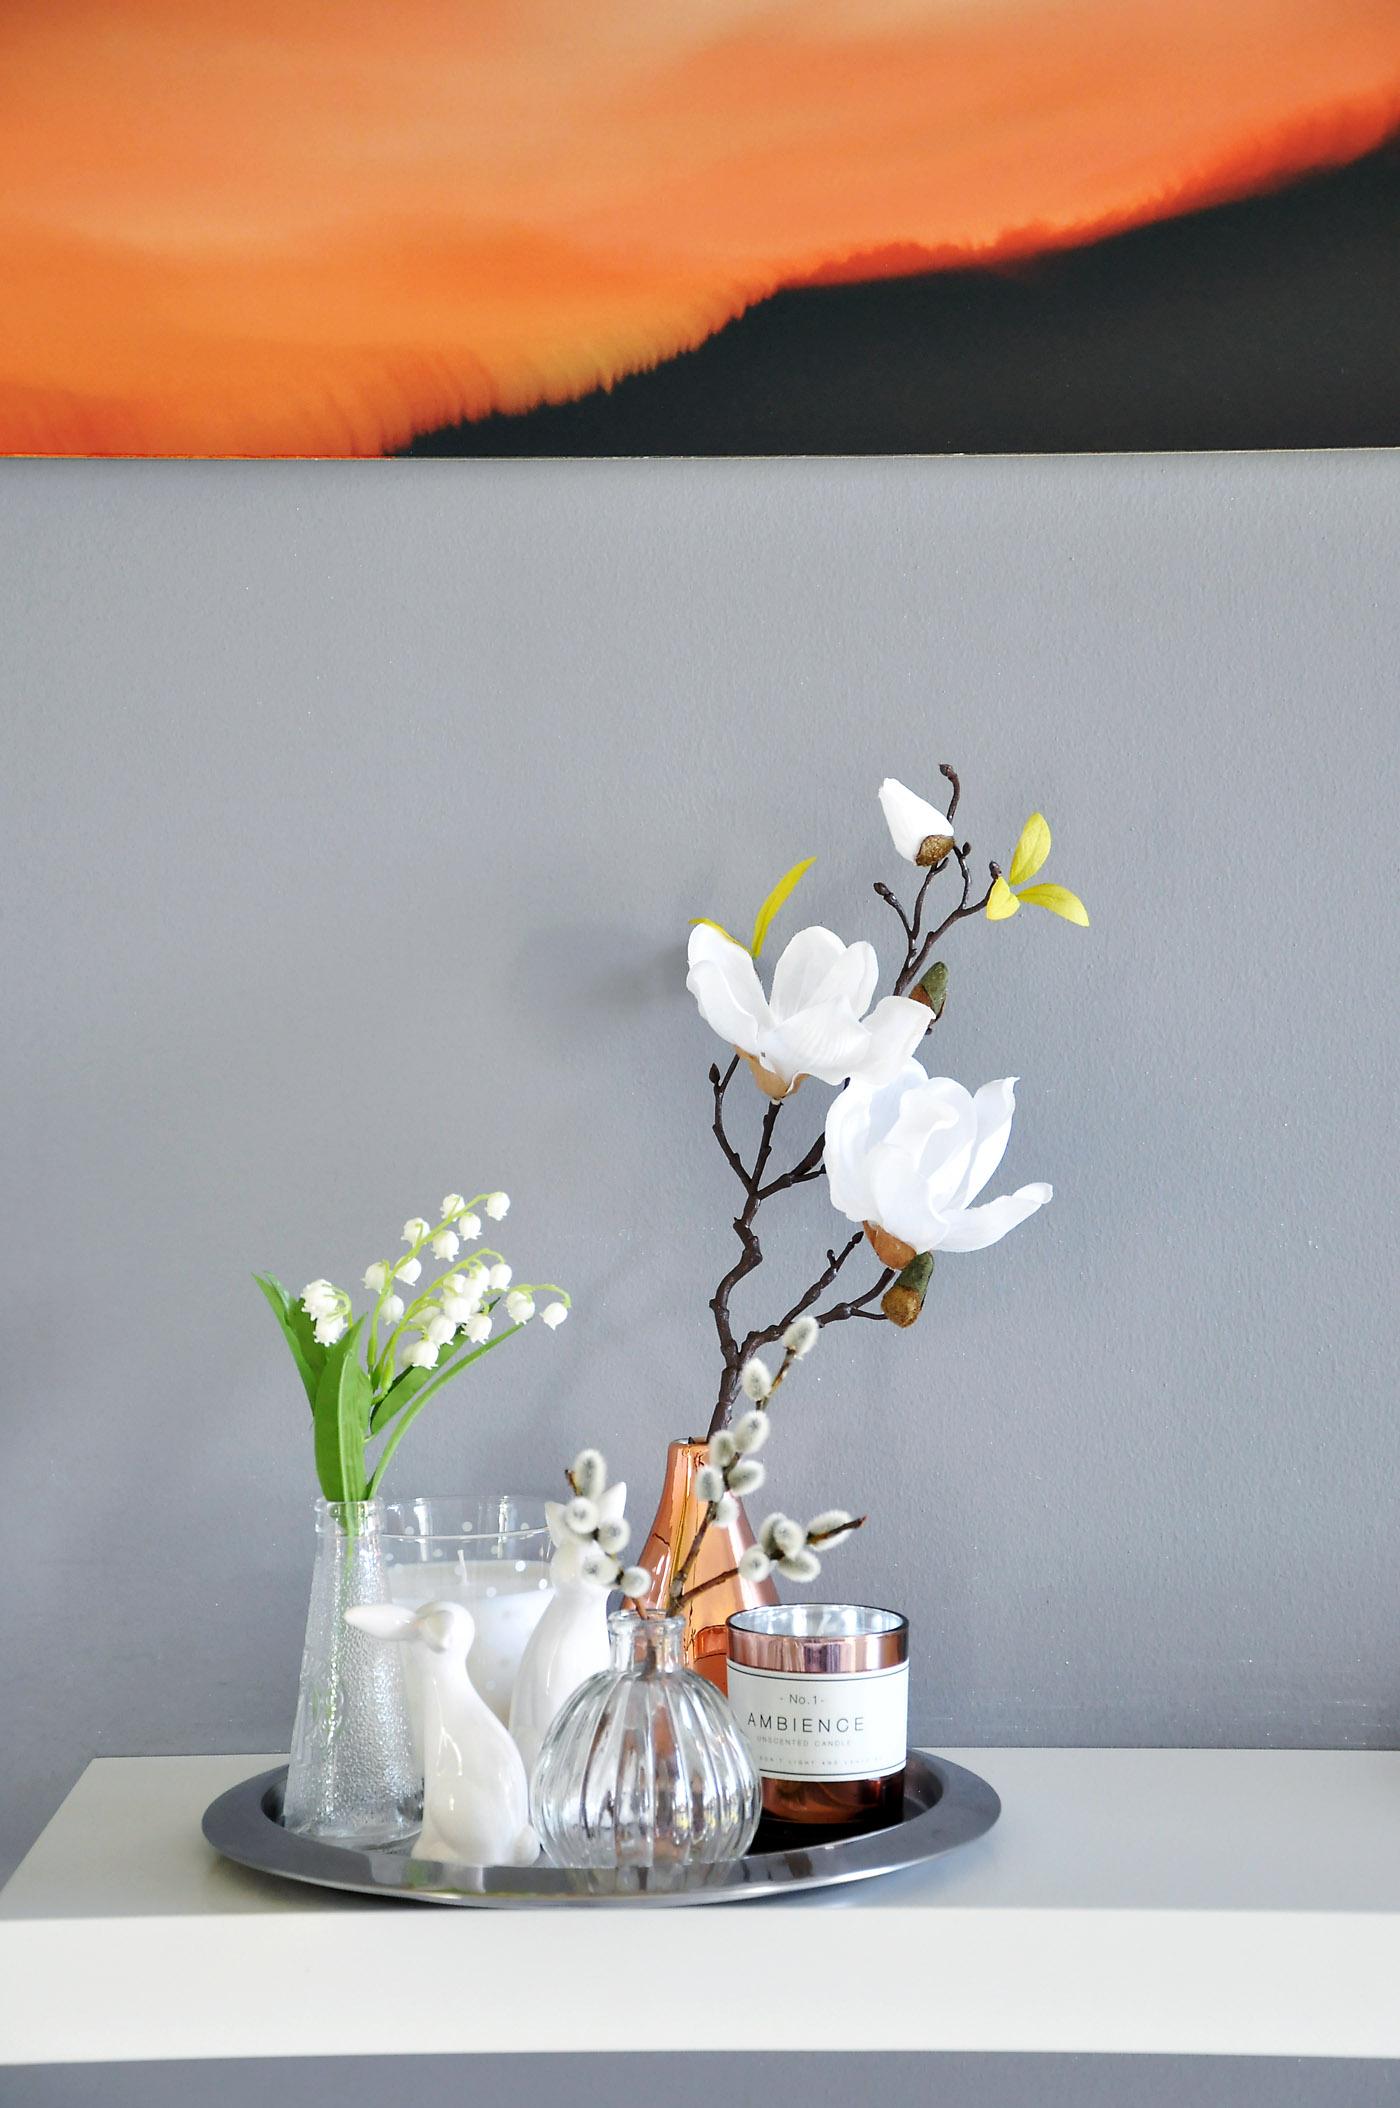 Osterdekoration, viele kleine Vasen - www.mymirrorworld.com